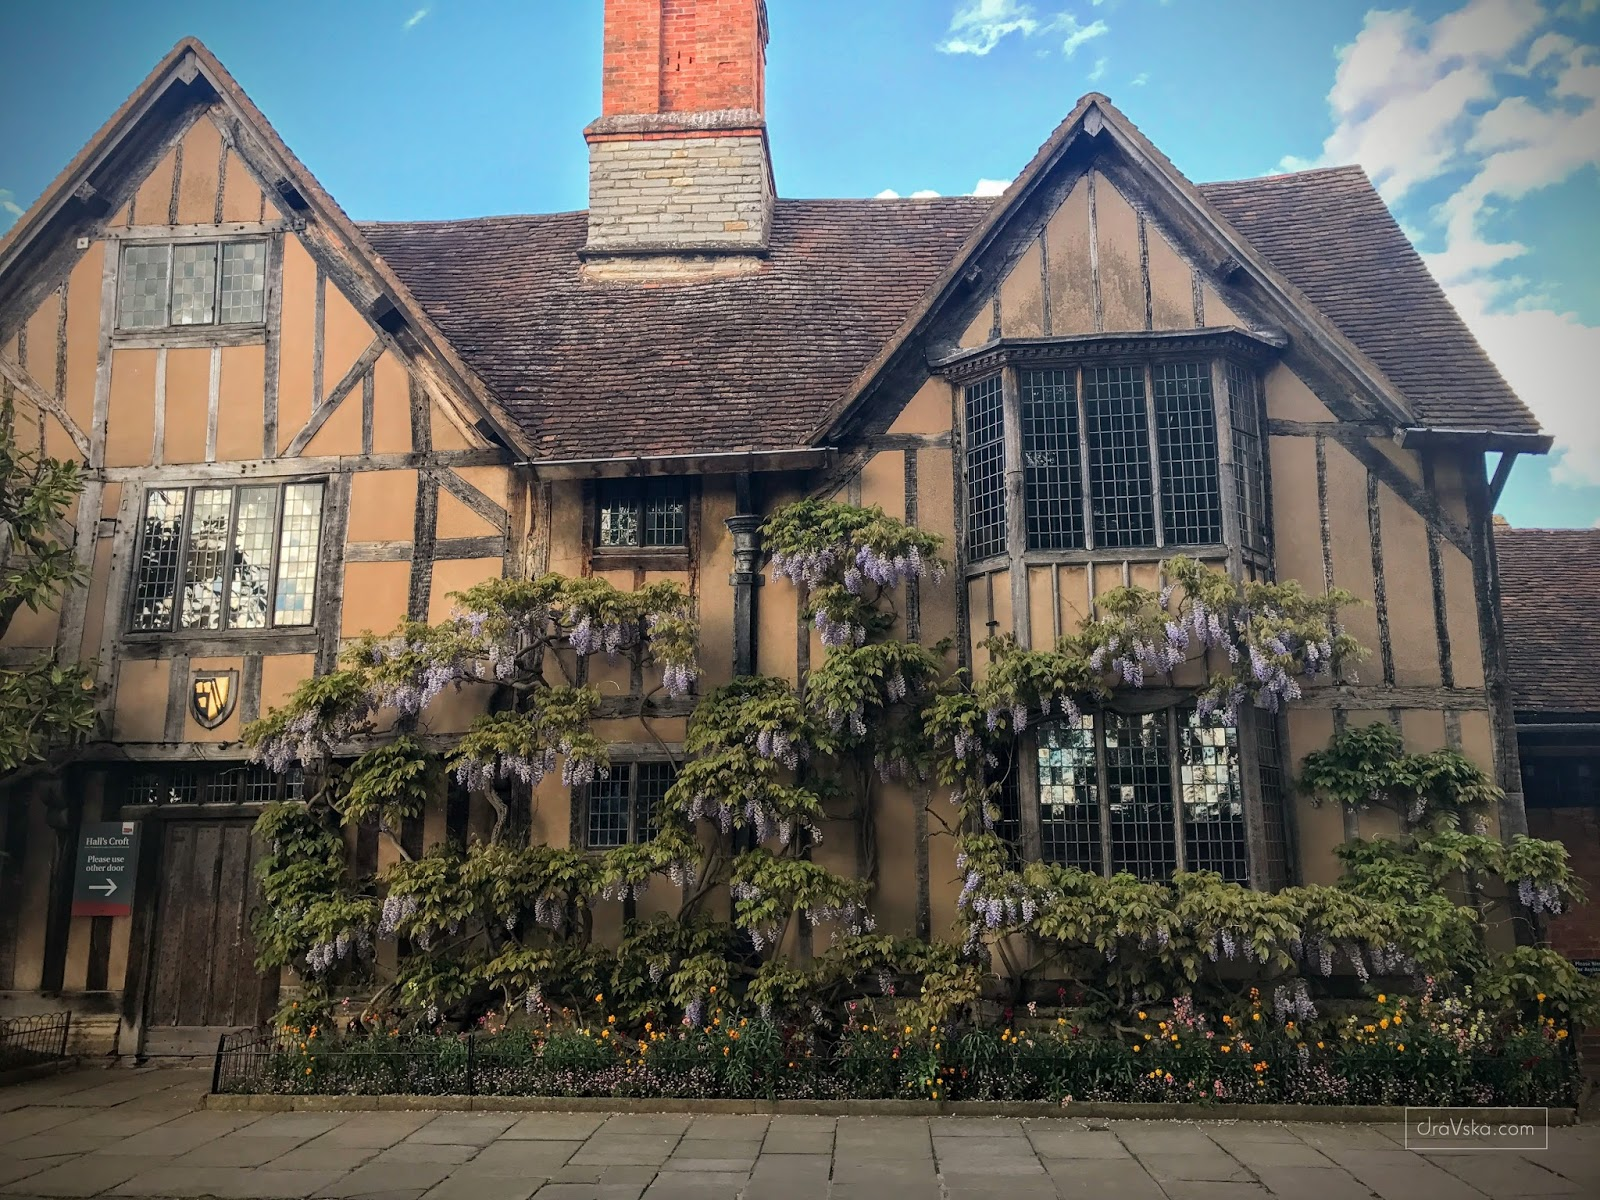 Stratford upon Avon - odsłona trzecia - CYKL Gdzie na weekend w UK?